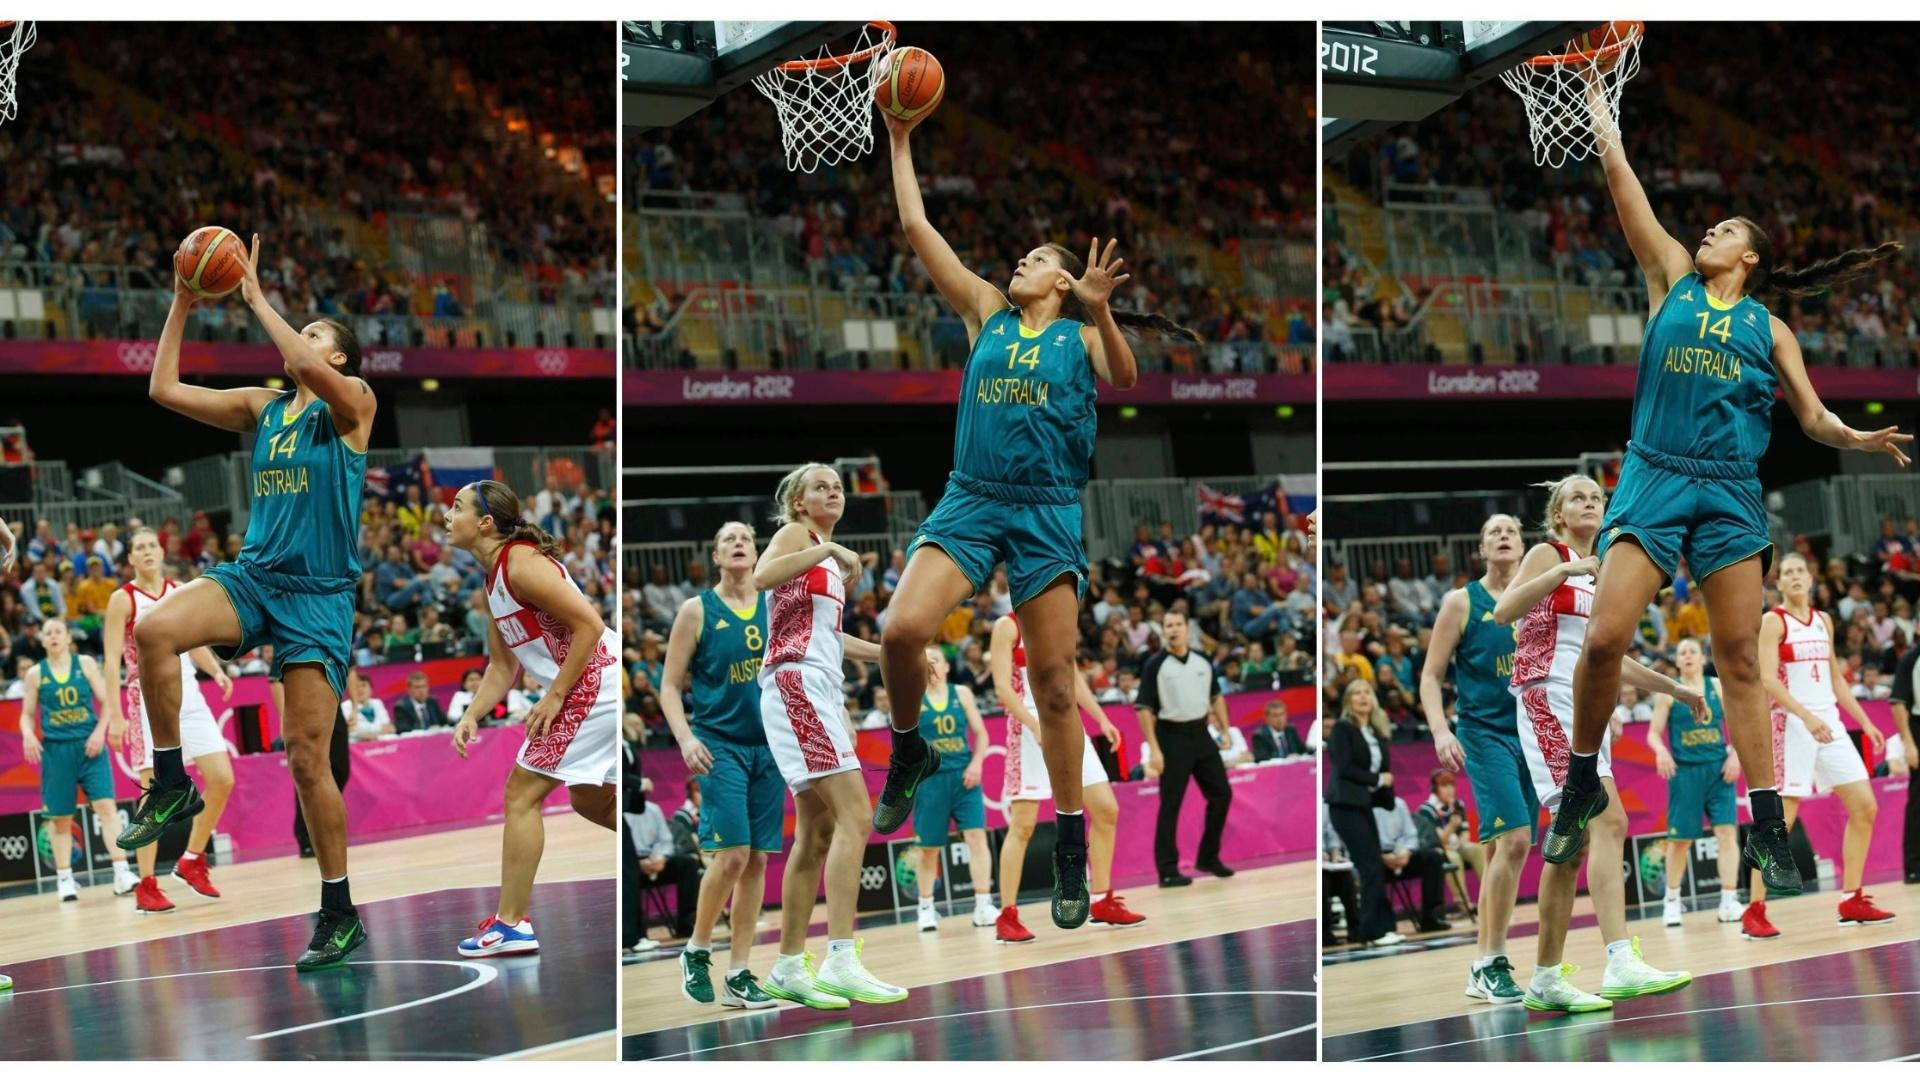 Sequência de fotos mostra enterrada de Liz Cambage, da Austrália, que surpreendeu no basquete feminino